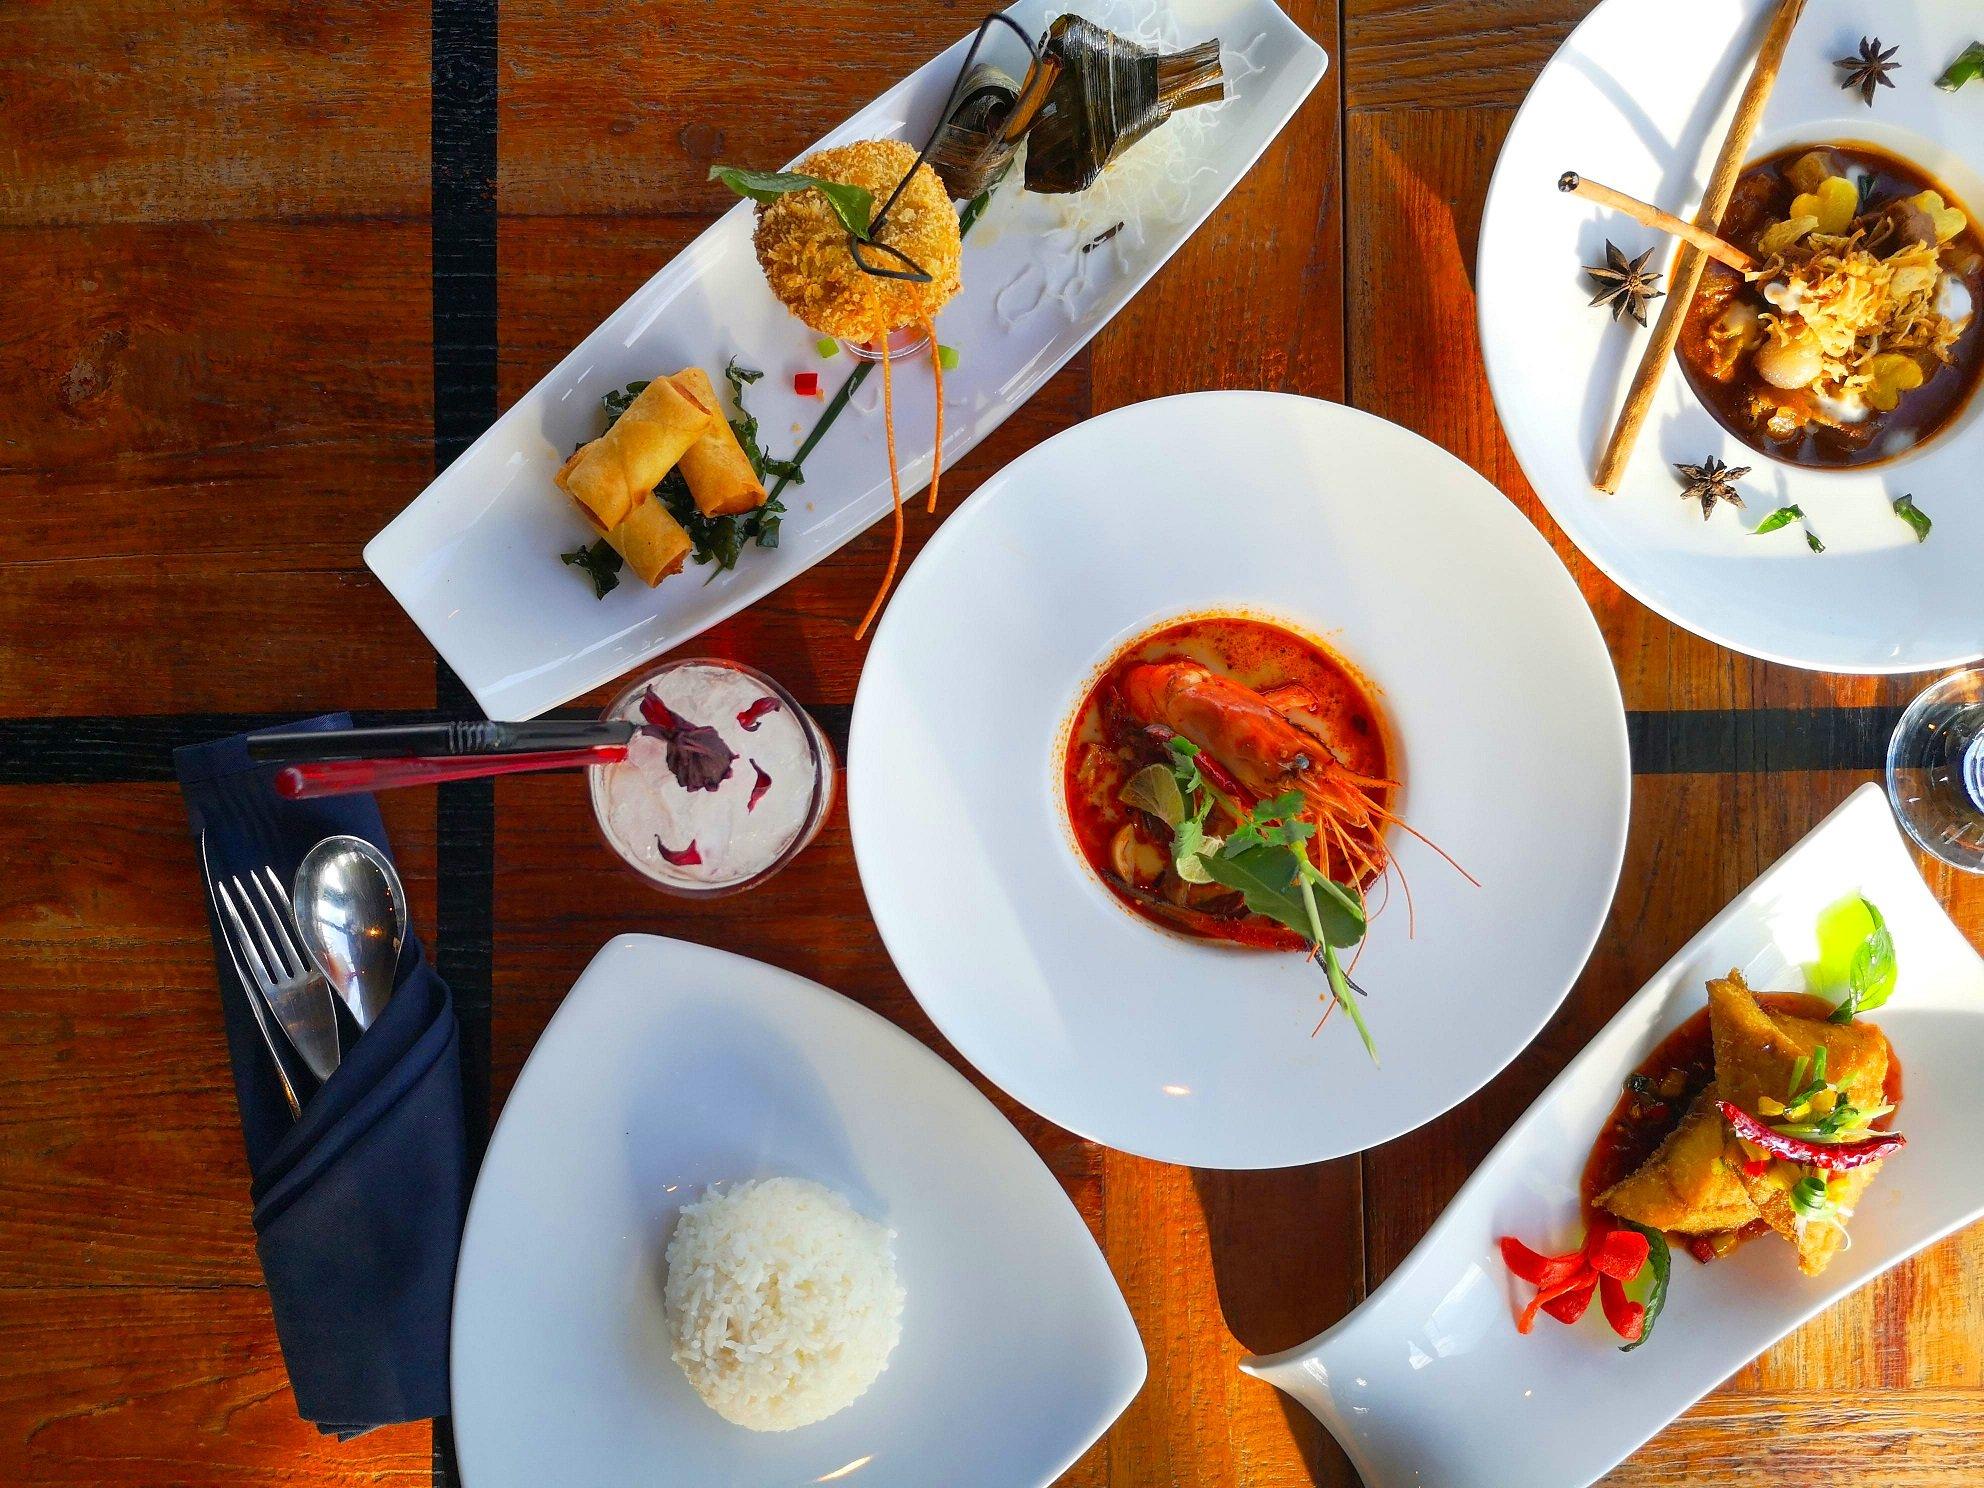 สัมผัสมนต์เสน่ห์ของอาหารไทยต้นตำรับสไตล์โมเดิร์นระดับไฮเอนด์ ณ บางกอก ไฮทส์ โรงแรมเดอะคอนทิเน้นท์ กรุงเทพ